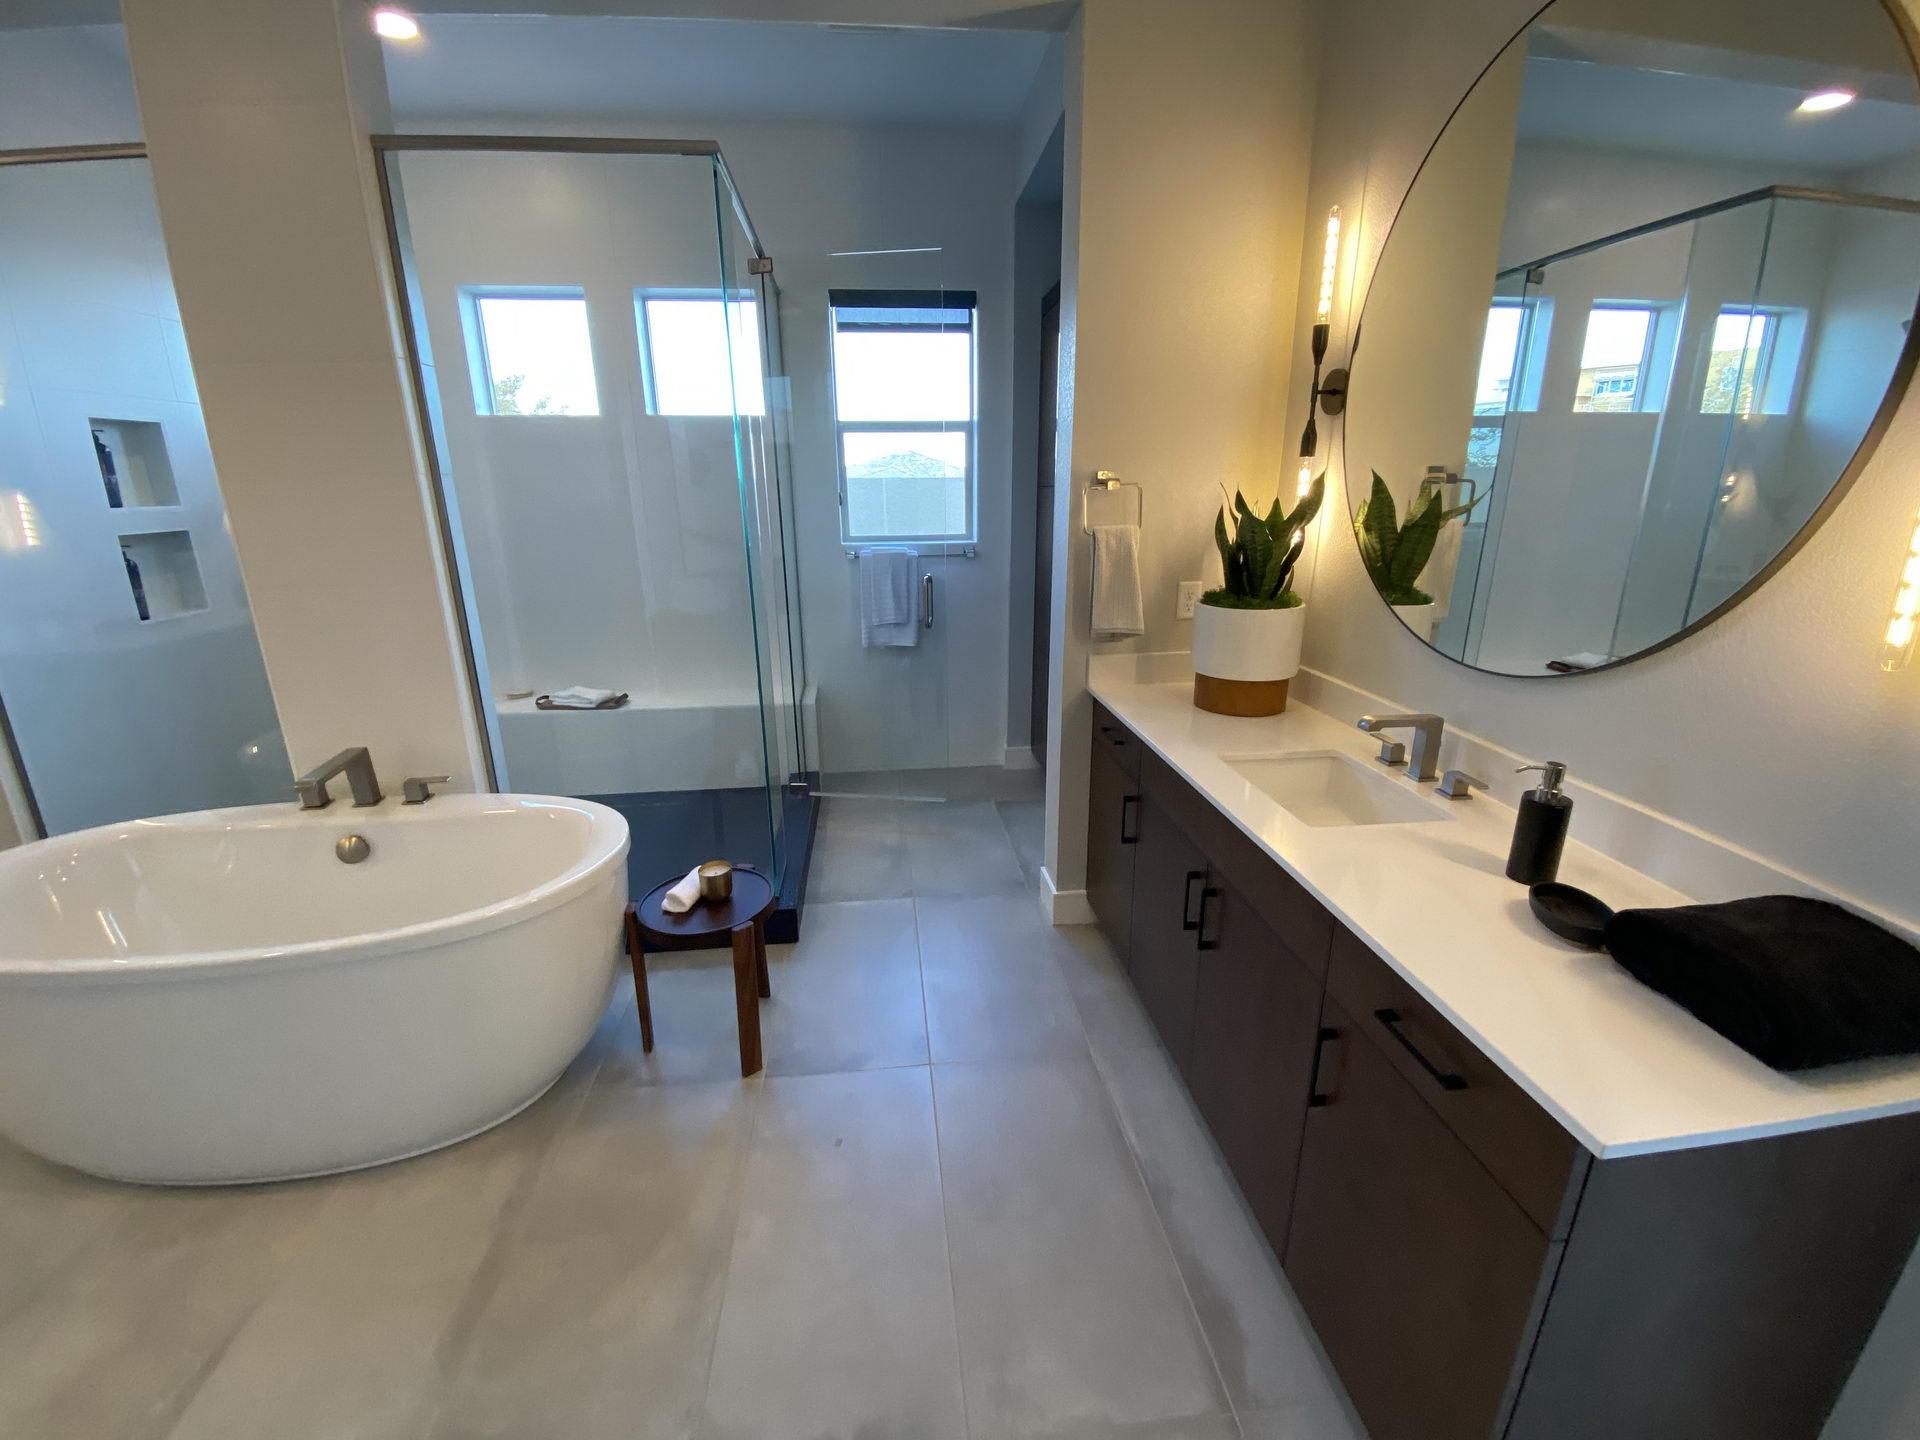 Bathroom Renovation Remodeling Services In Las Vegas Titon General Contractors